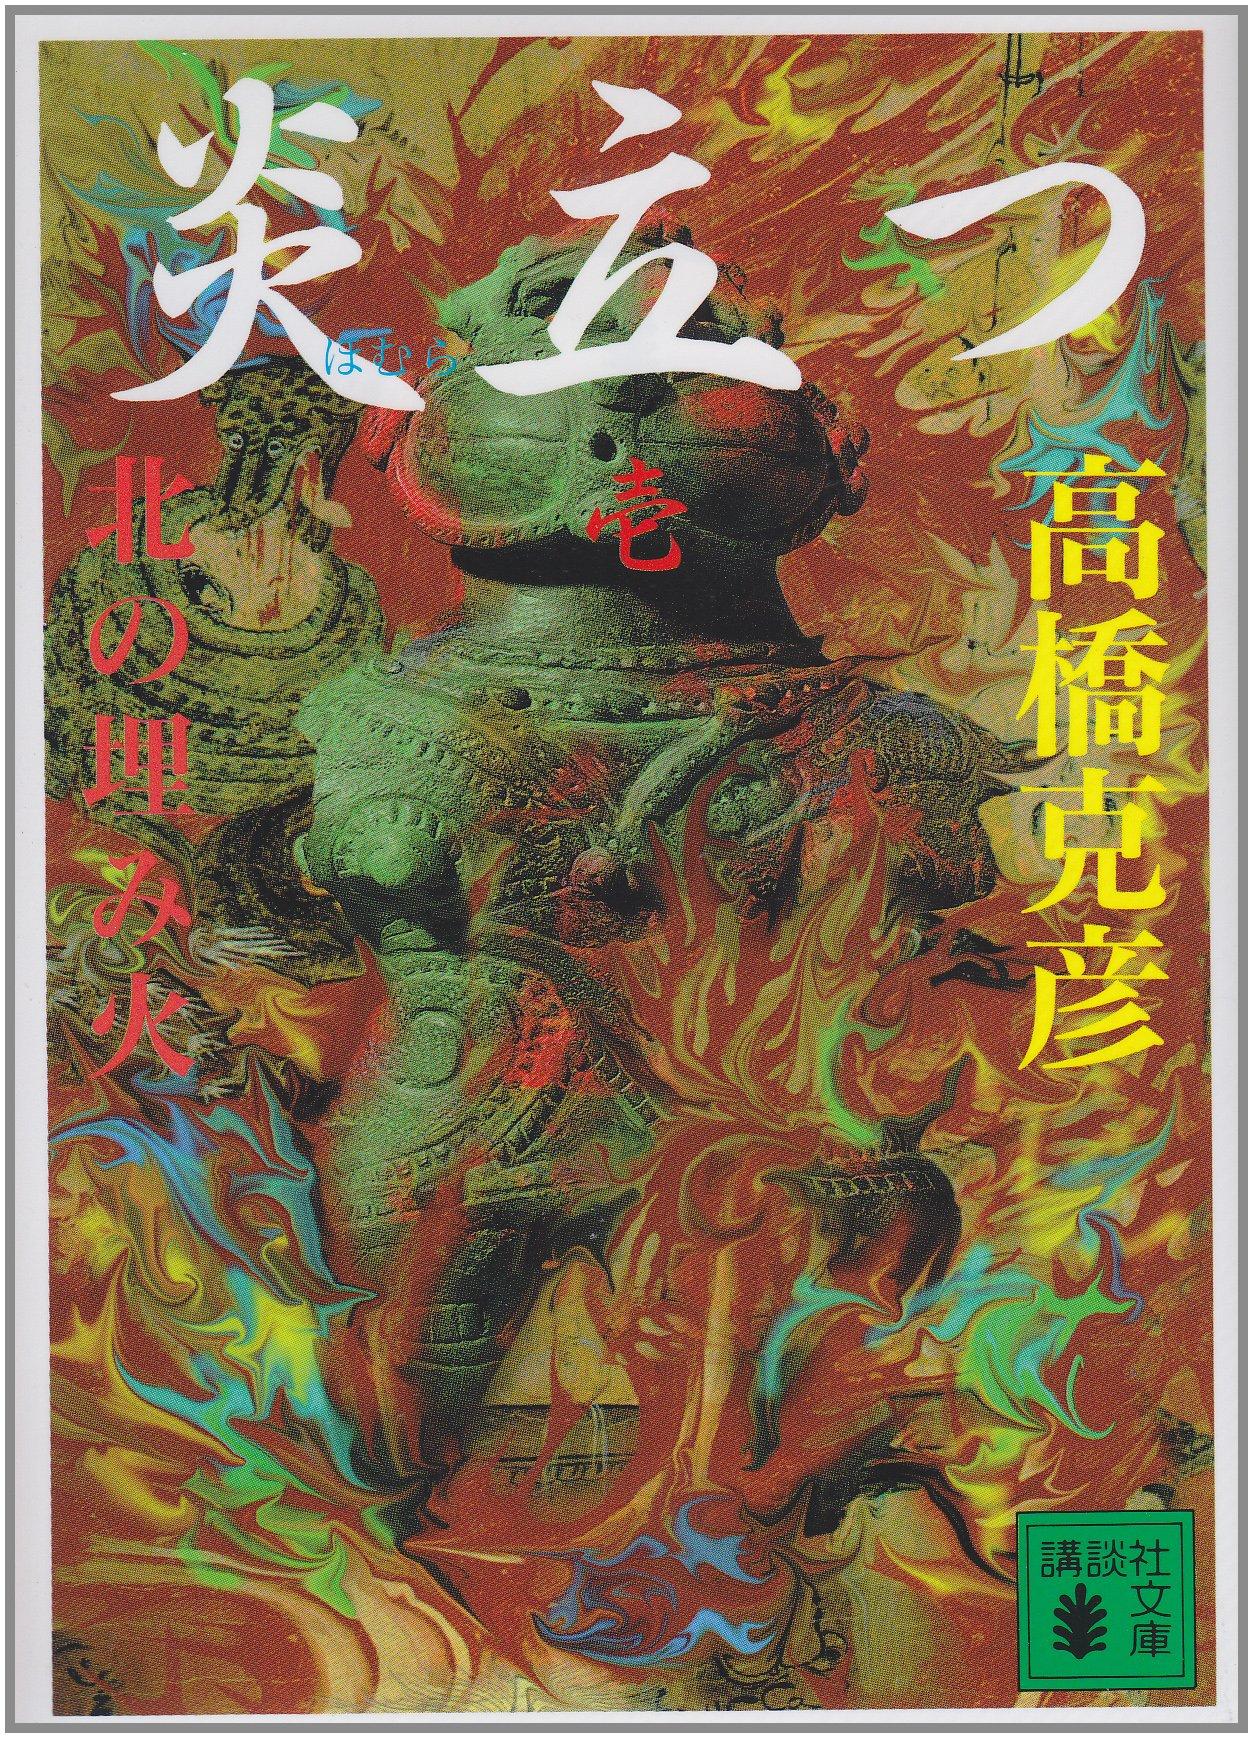 高橋克彦のおすすめ小説5選!オカルトも東北舞台の歴史小説も、楽しむ。